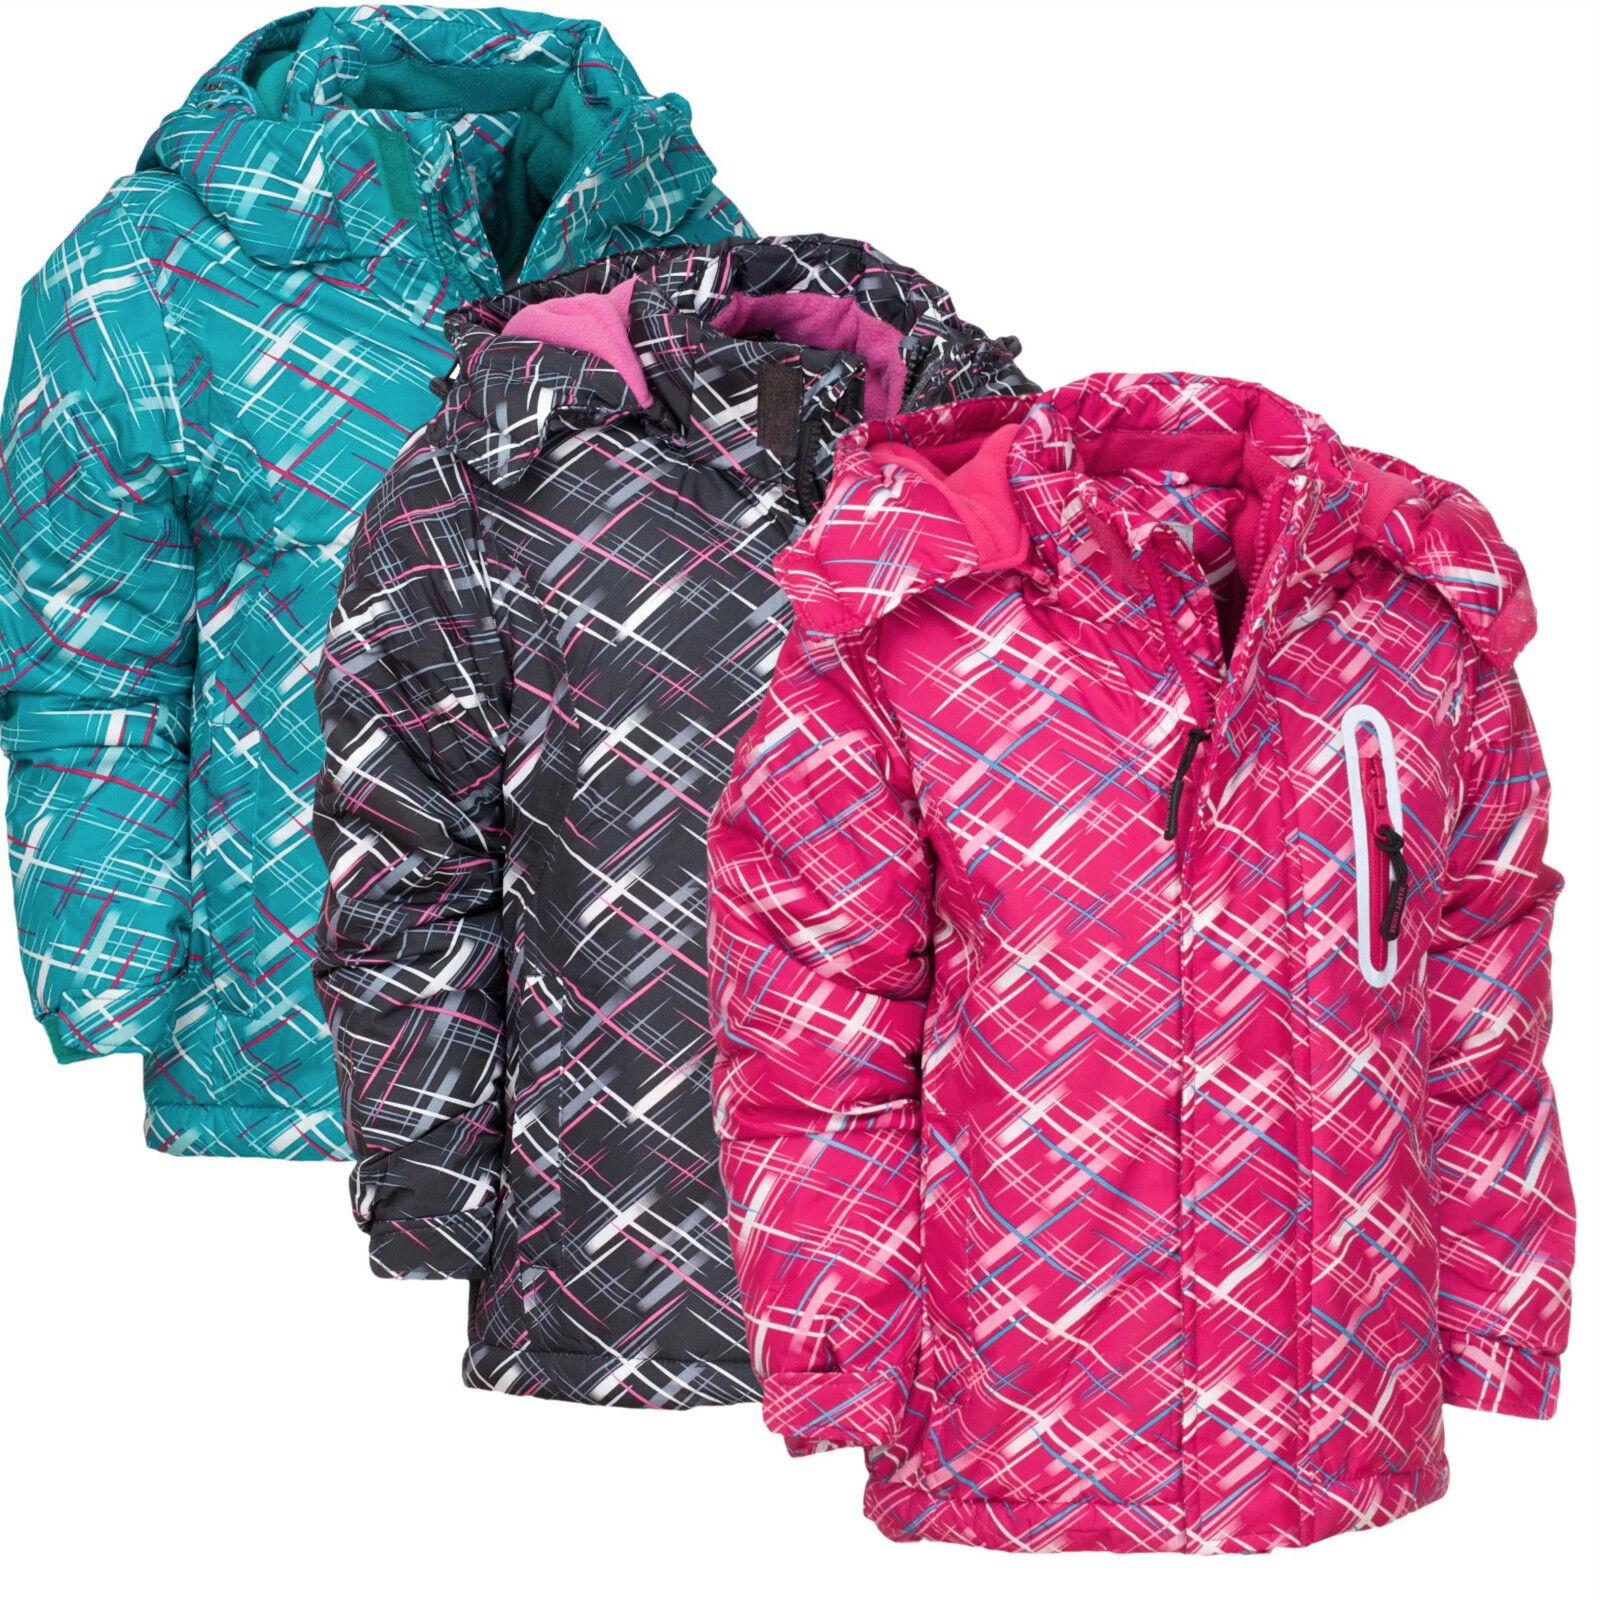 Mädchen Winterjacke  Freizeitjacke Jacke mit Kaputze Outdoor gefüttert 110, 116